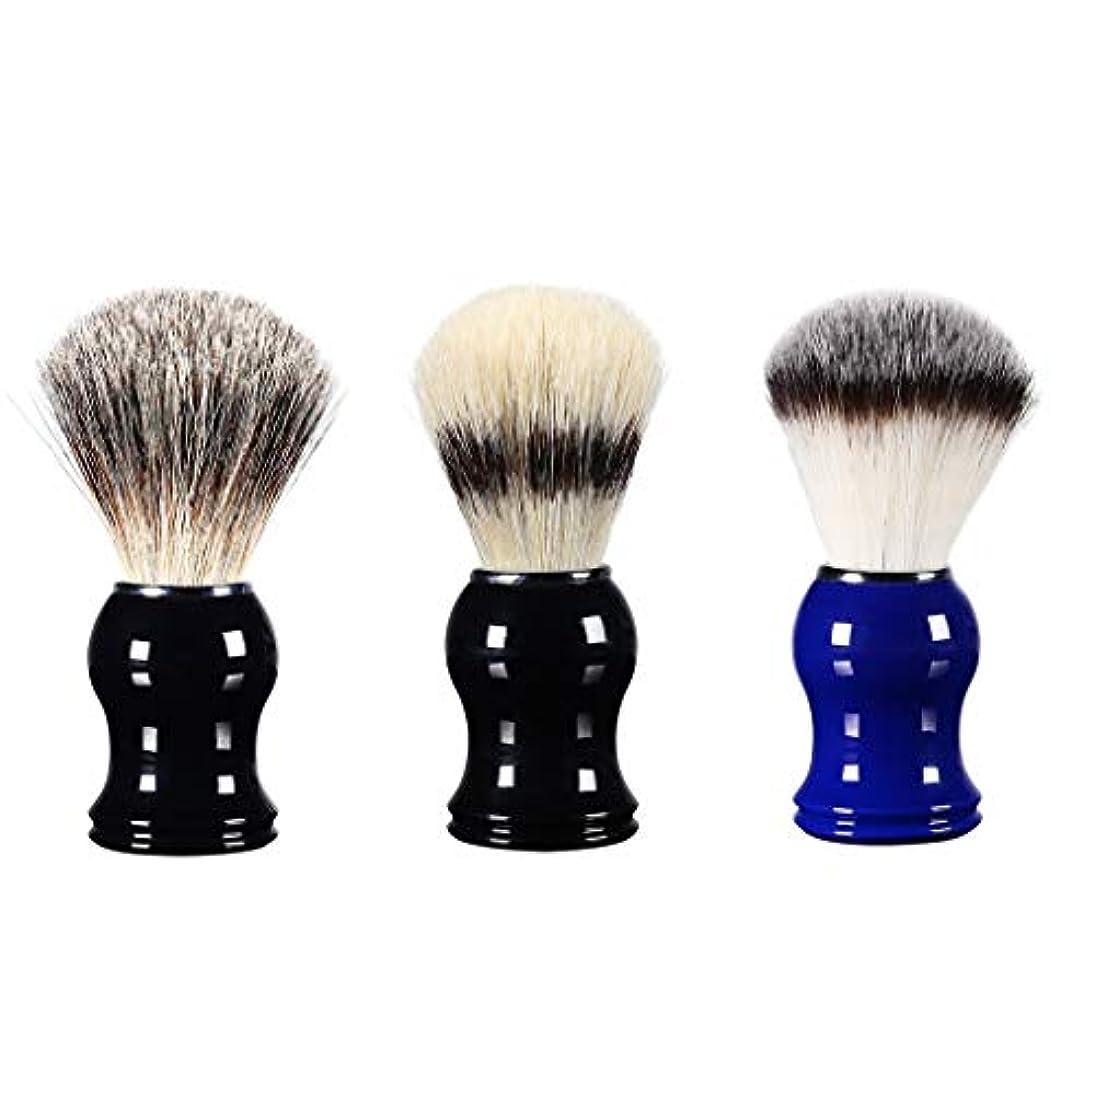 パワーセル割り当てます香ばしいシェービング用ブラシ メンズ 理容 洗顔 髭剃り 泡立ち 3個入